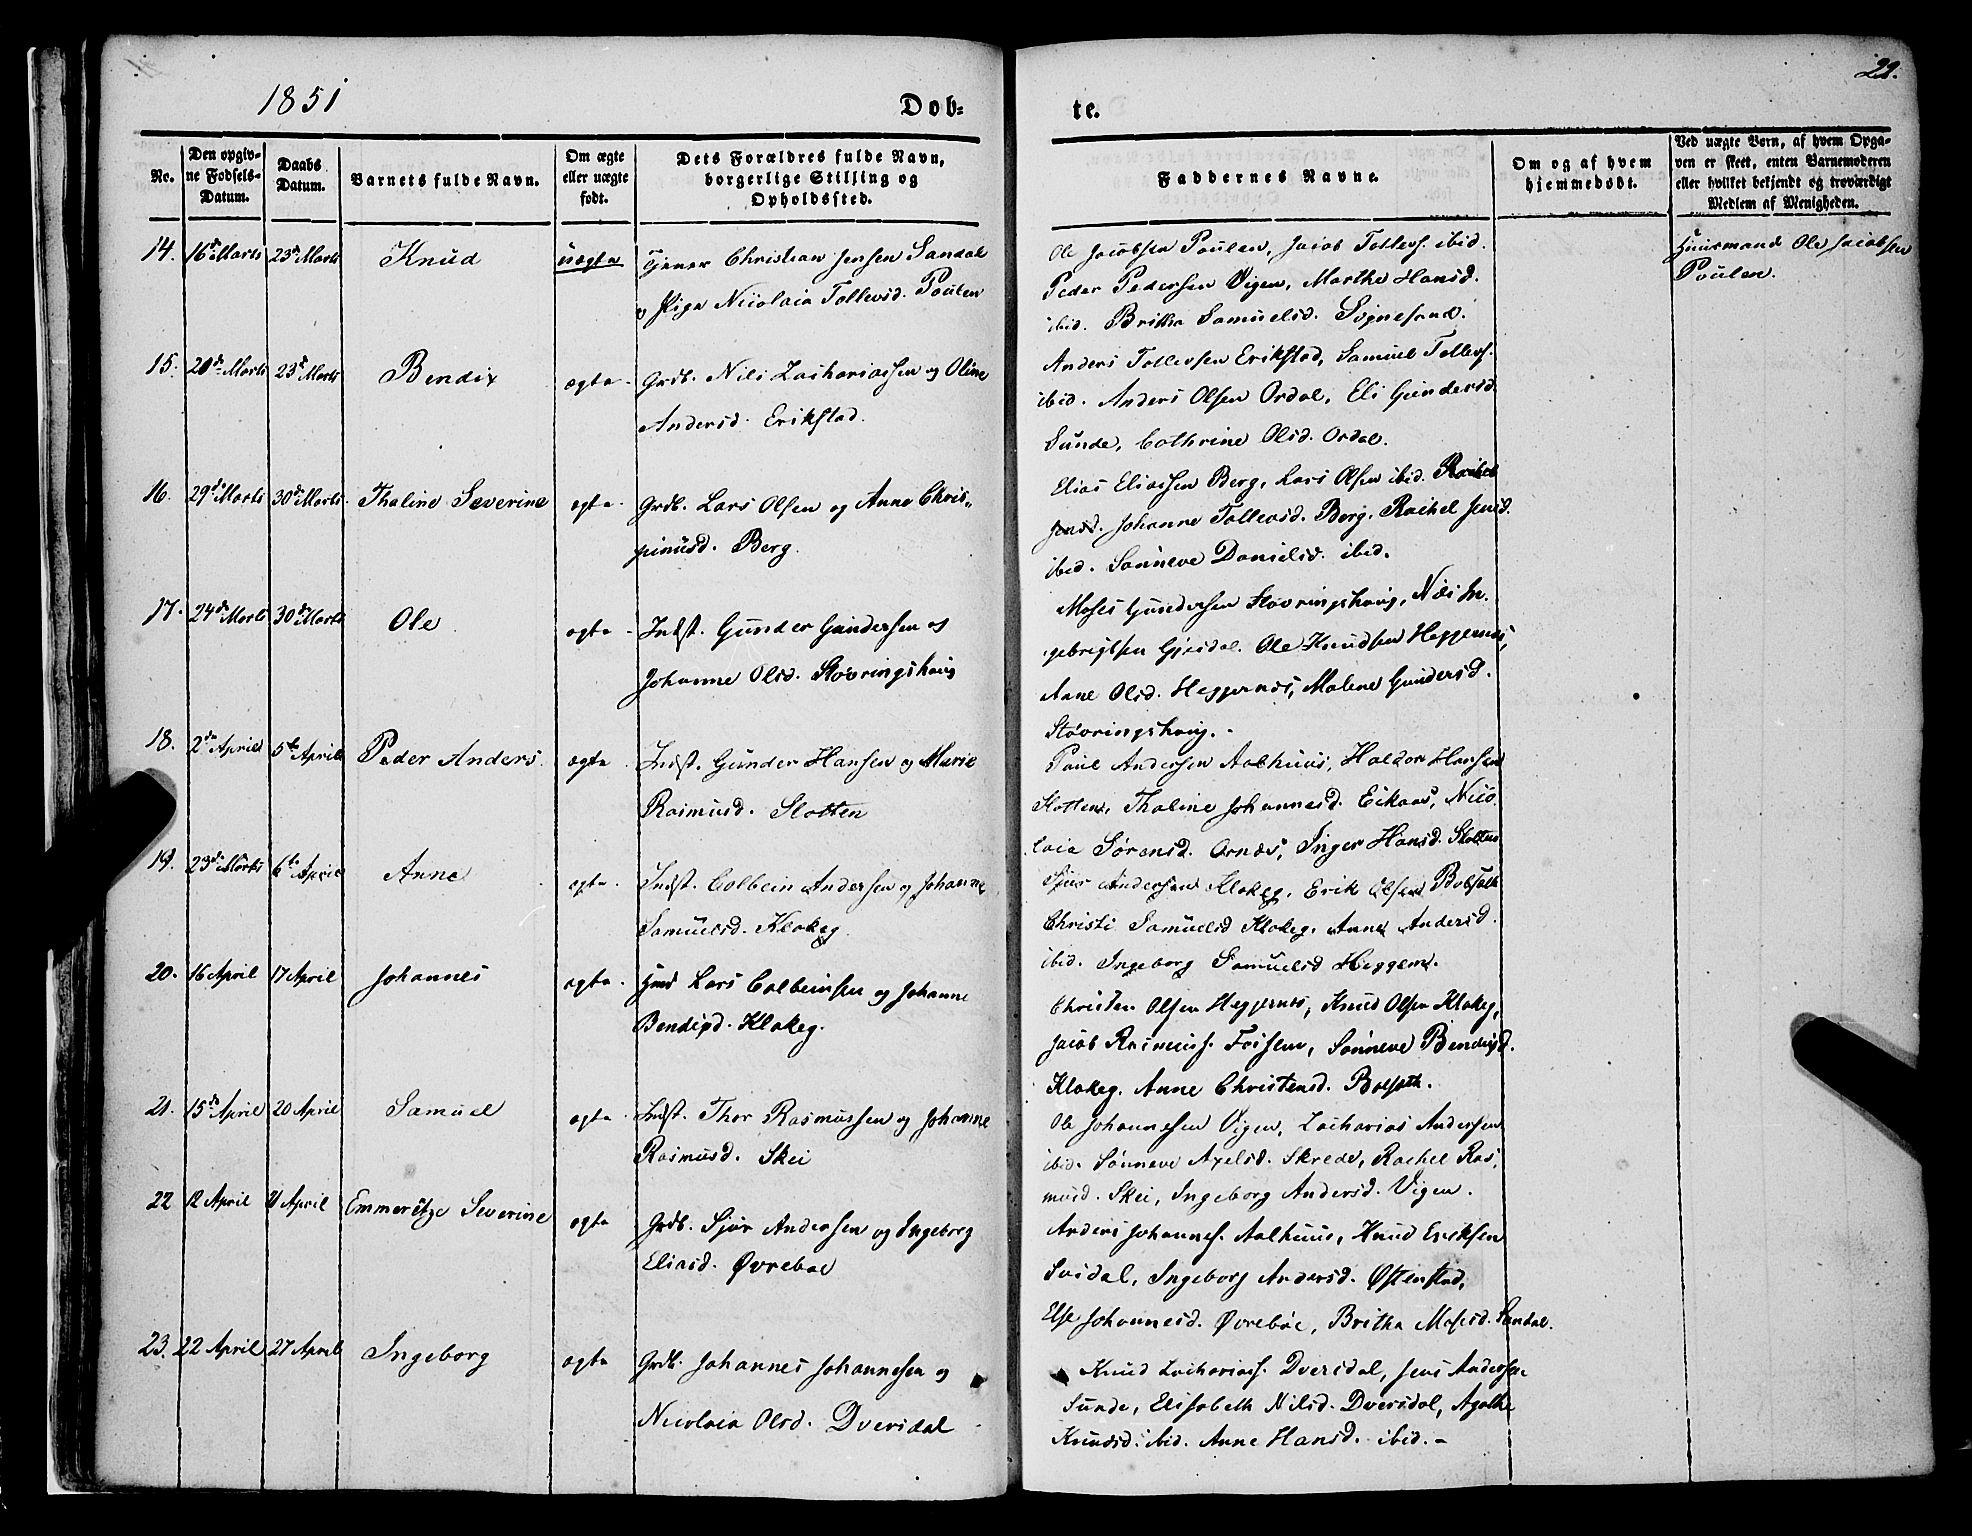 SAB, Jølster sokneprestembete, H/Haa/Haaa/L0010: Ministerialbok nr. A 10, 1847-1865, s. 22